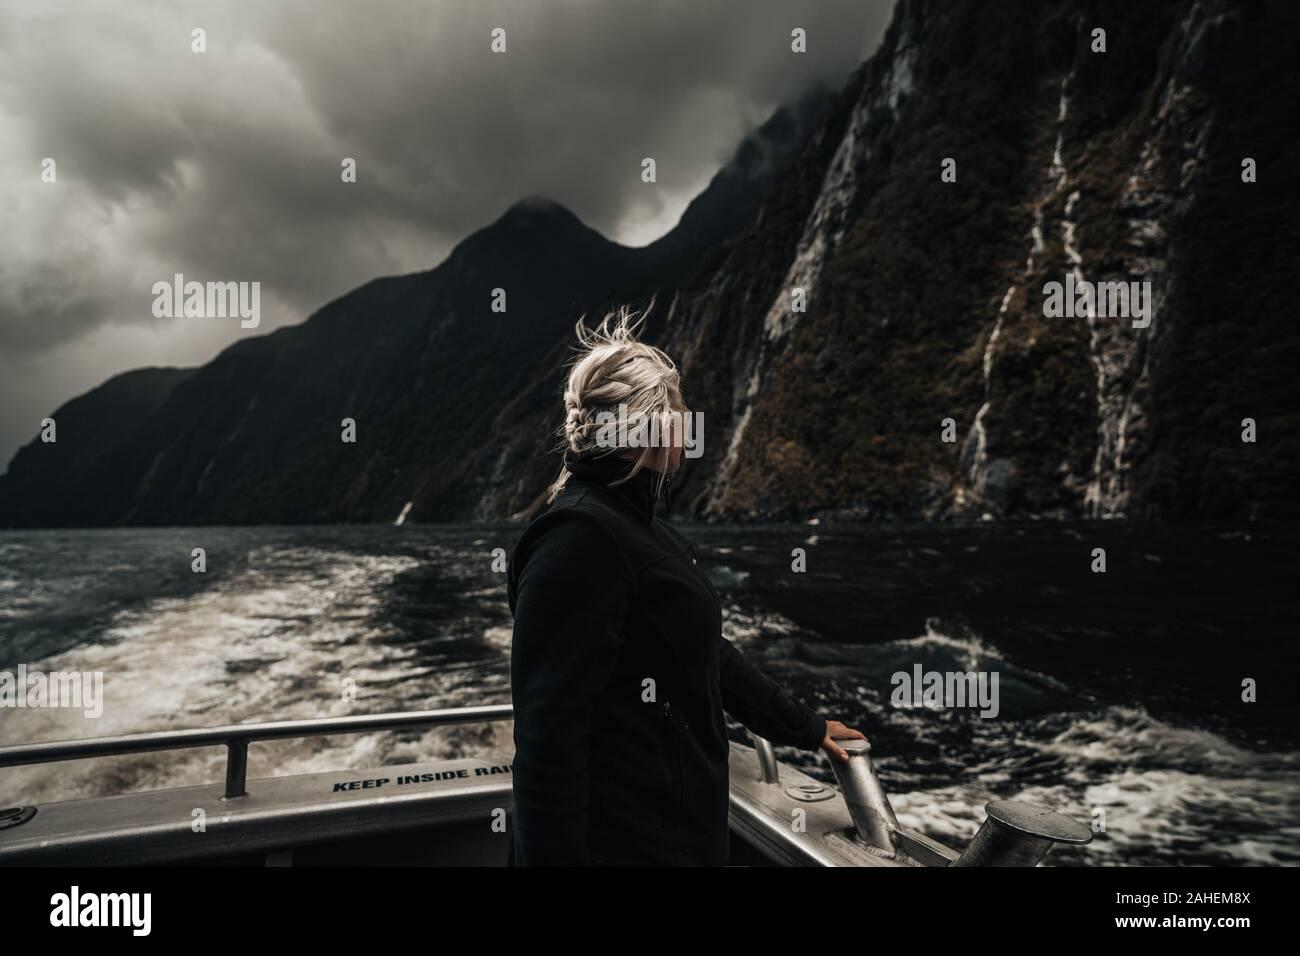 Montres femmes cascades sur bateau en Nouvelle-Zélande Milford Sound Banque D'Images